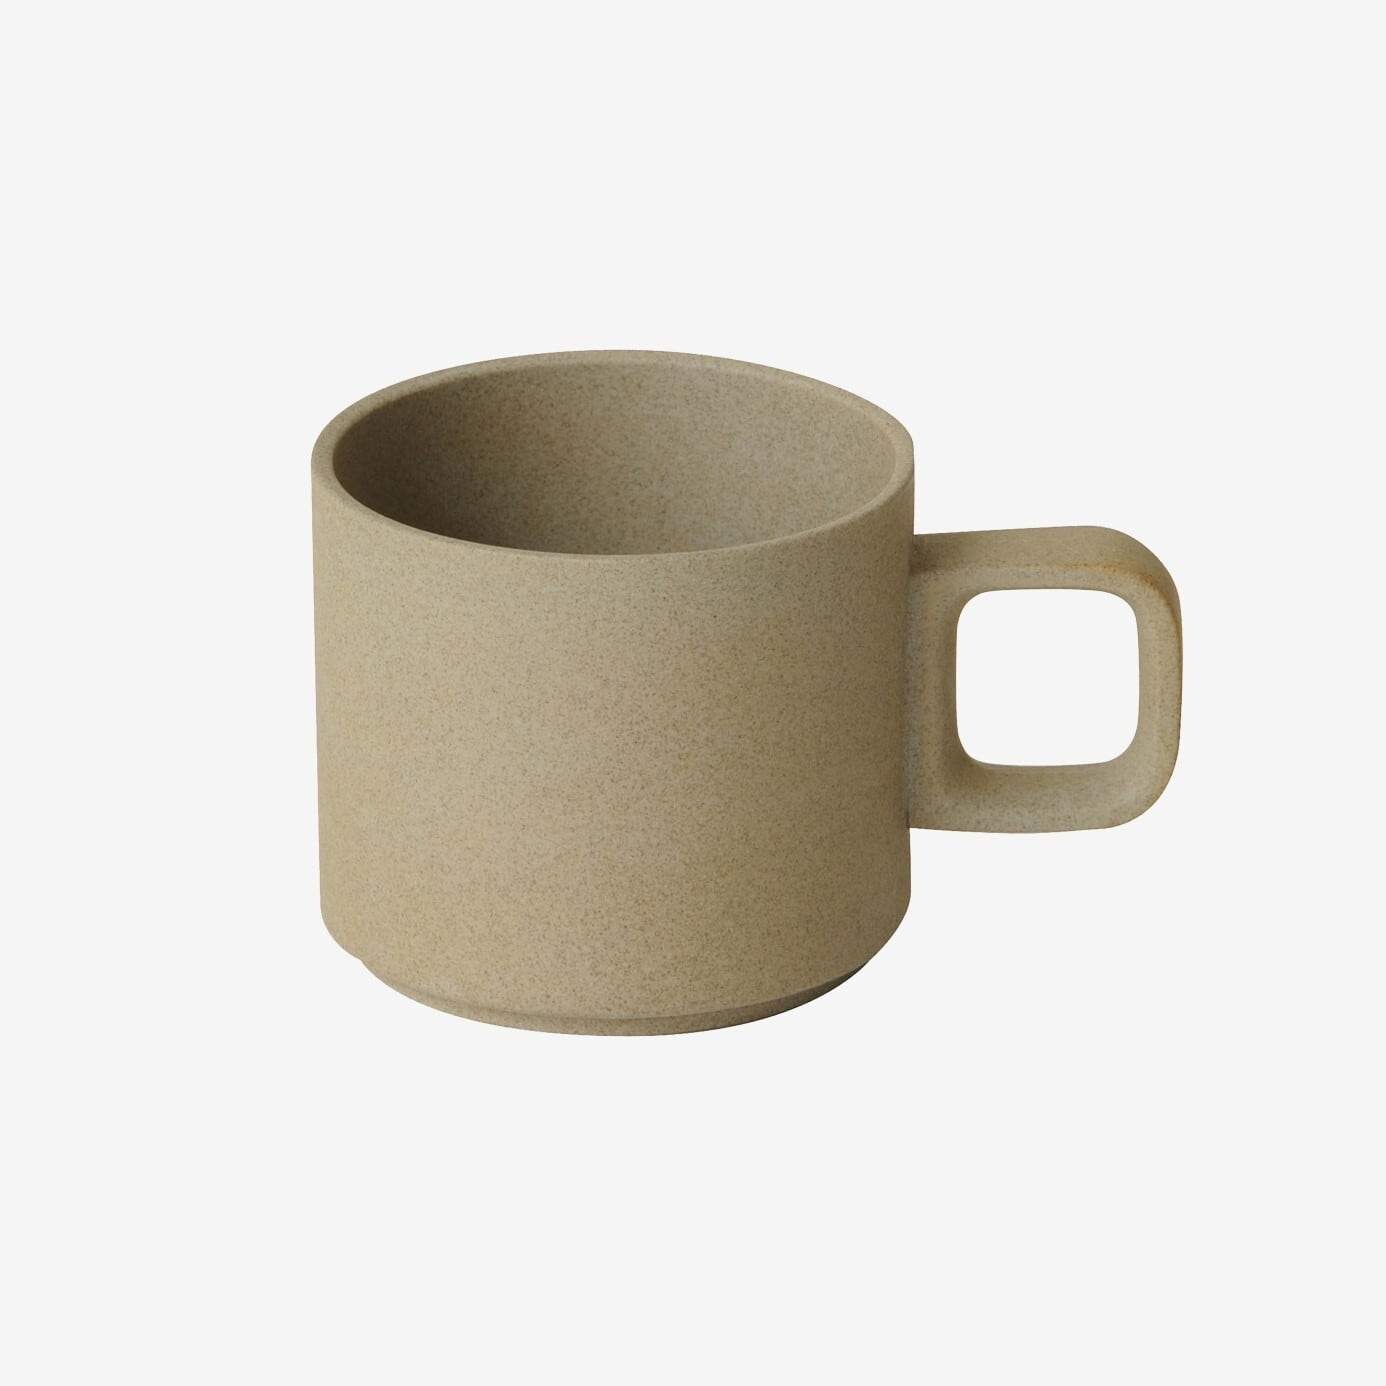 HASAMI PORCELAIN (ハサミポーセリン) Mug cup (Natural / ナチュラル ) HP019【85x72】 Sサイズ